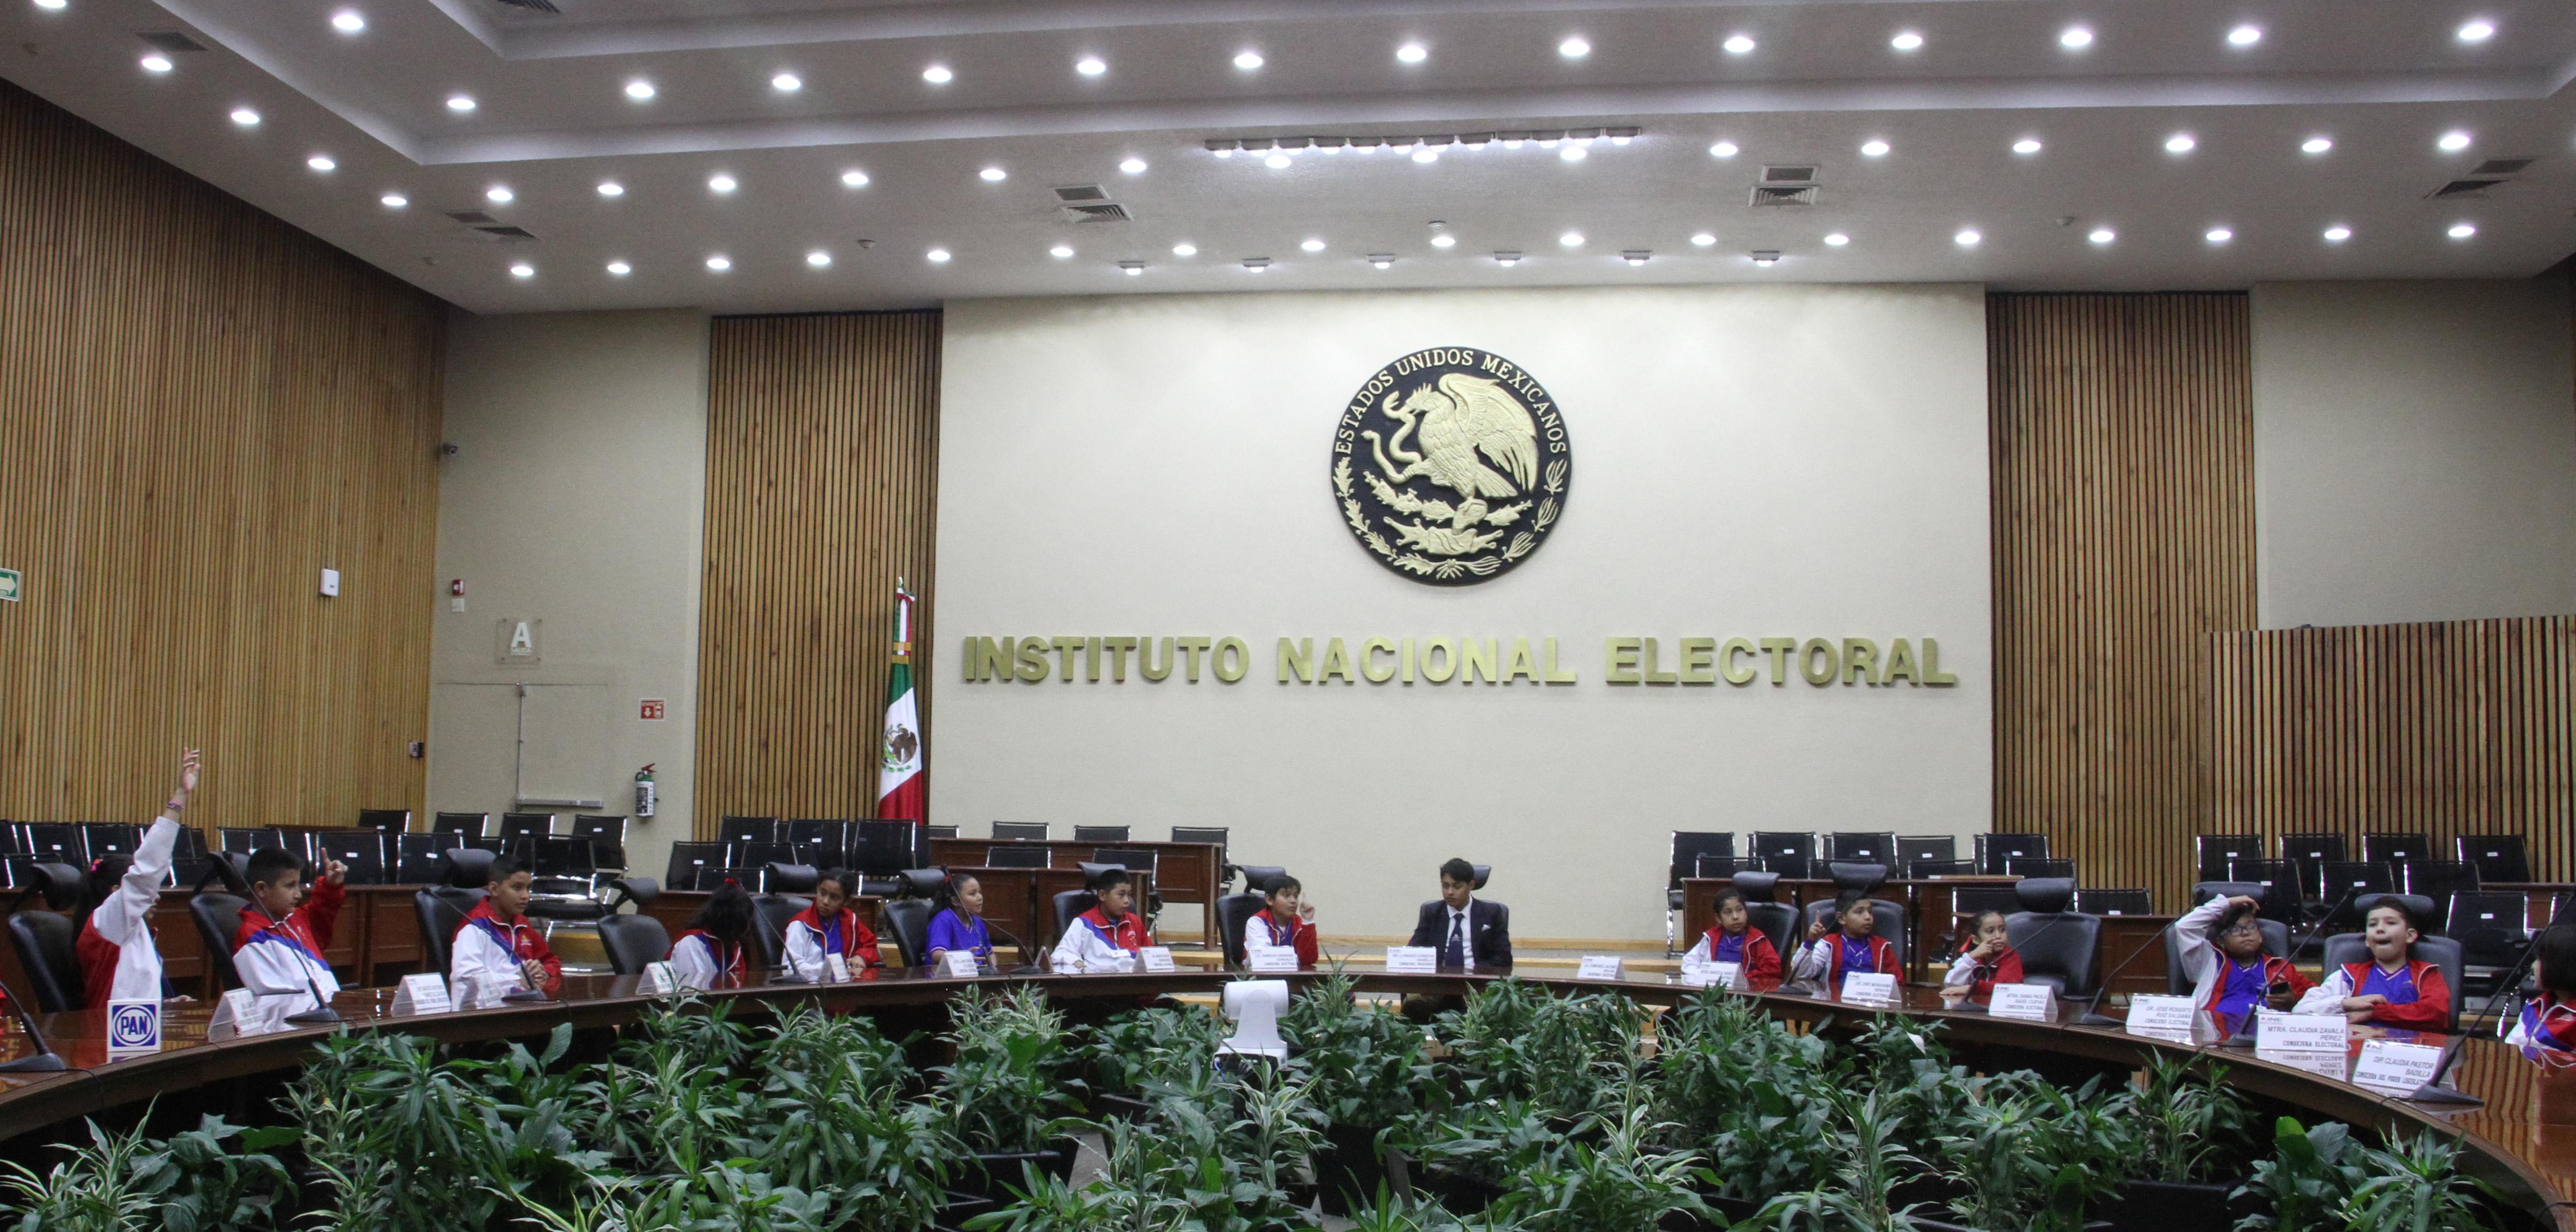 Uno de los primeros en reaccionar fue el INE, uno de los principales inconformes con la Ley Bonilla (Foto: Rogelio Morales/ Cuartoscuro)